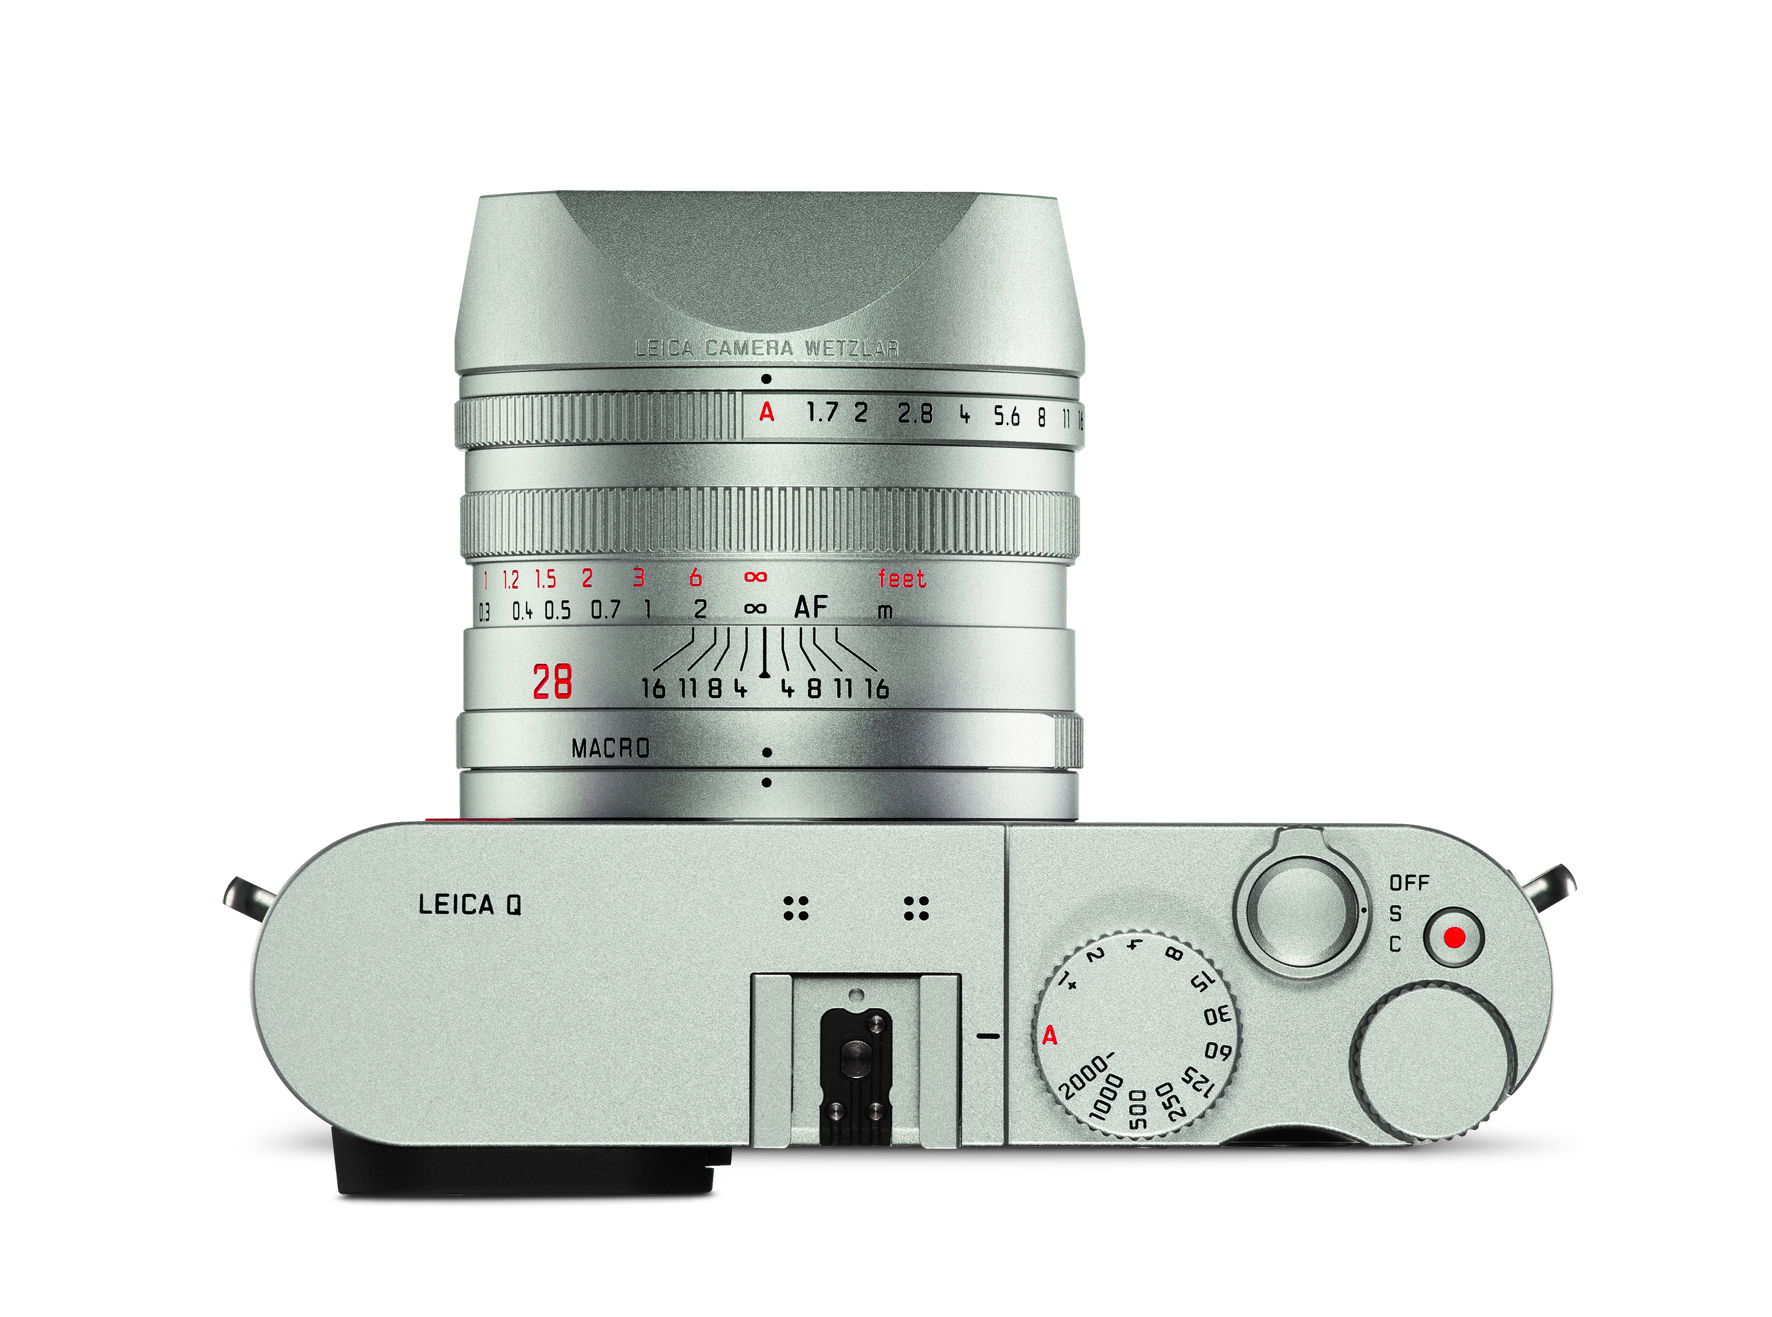 Leica Q silver_lens hood_top.jpg